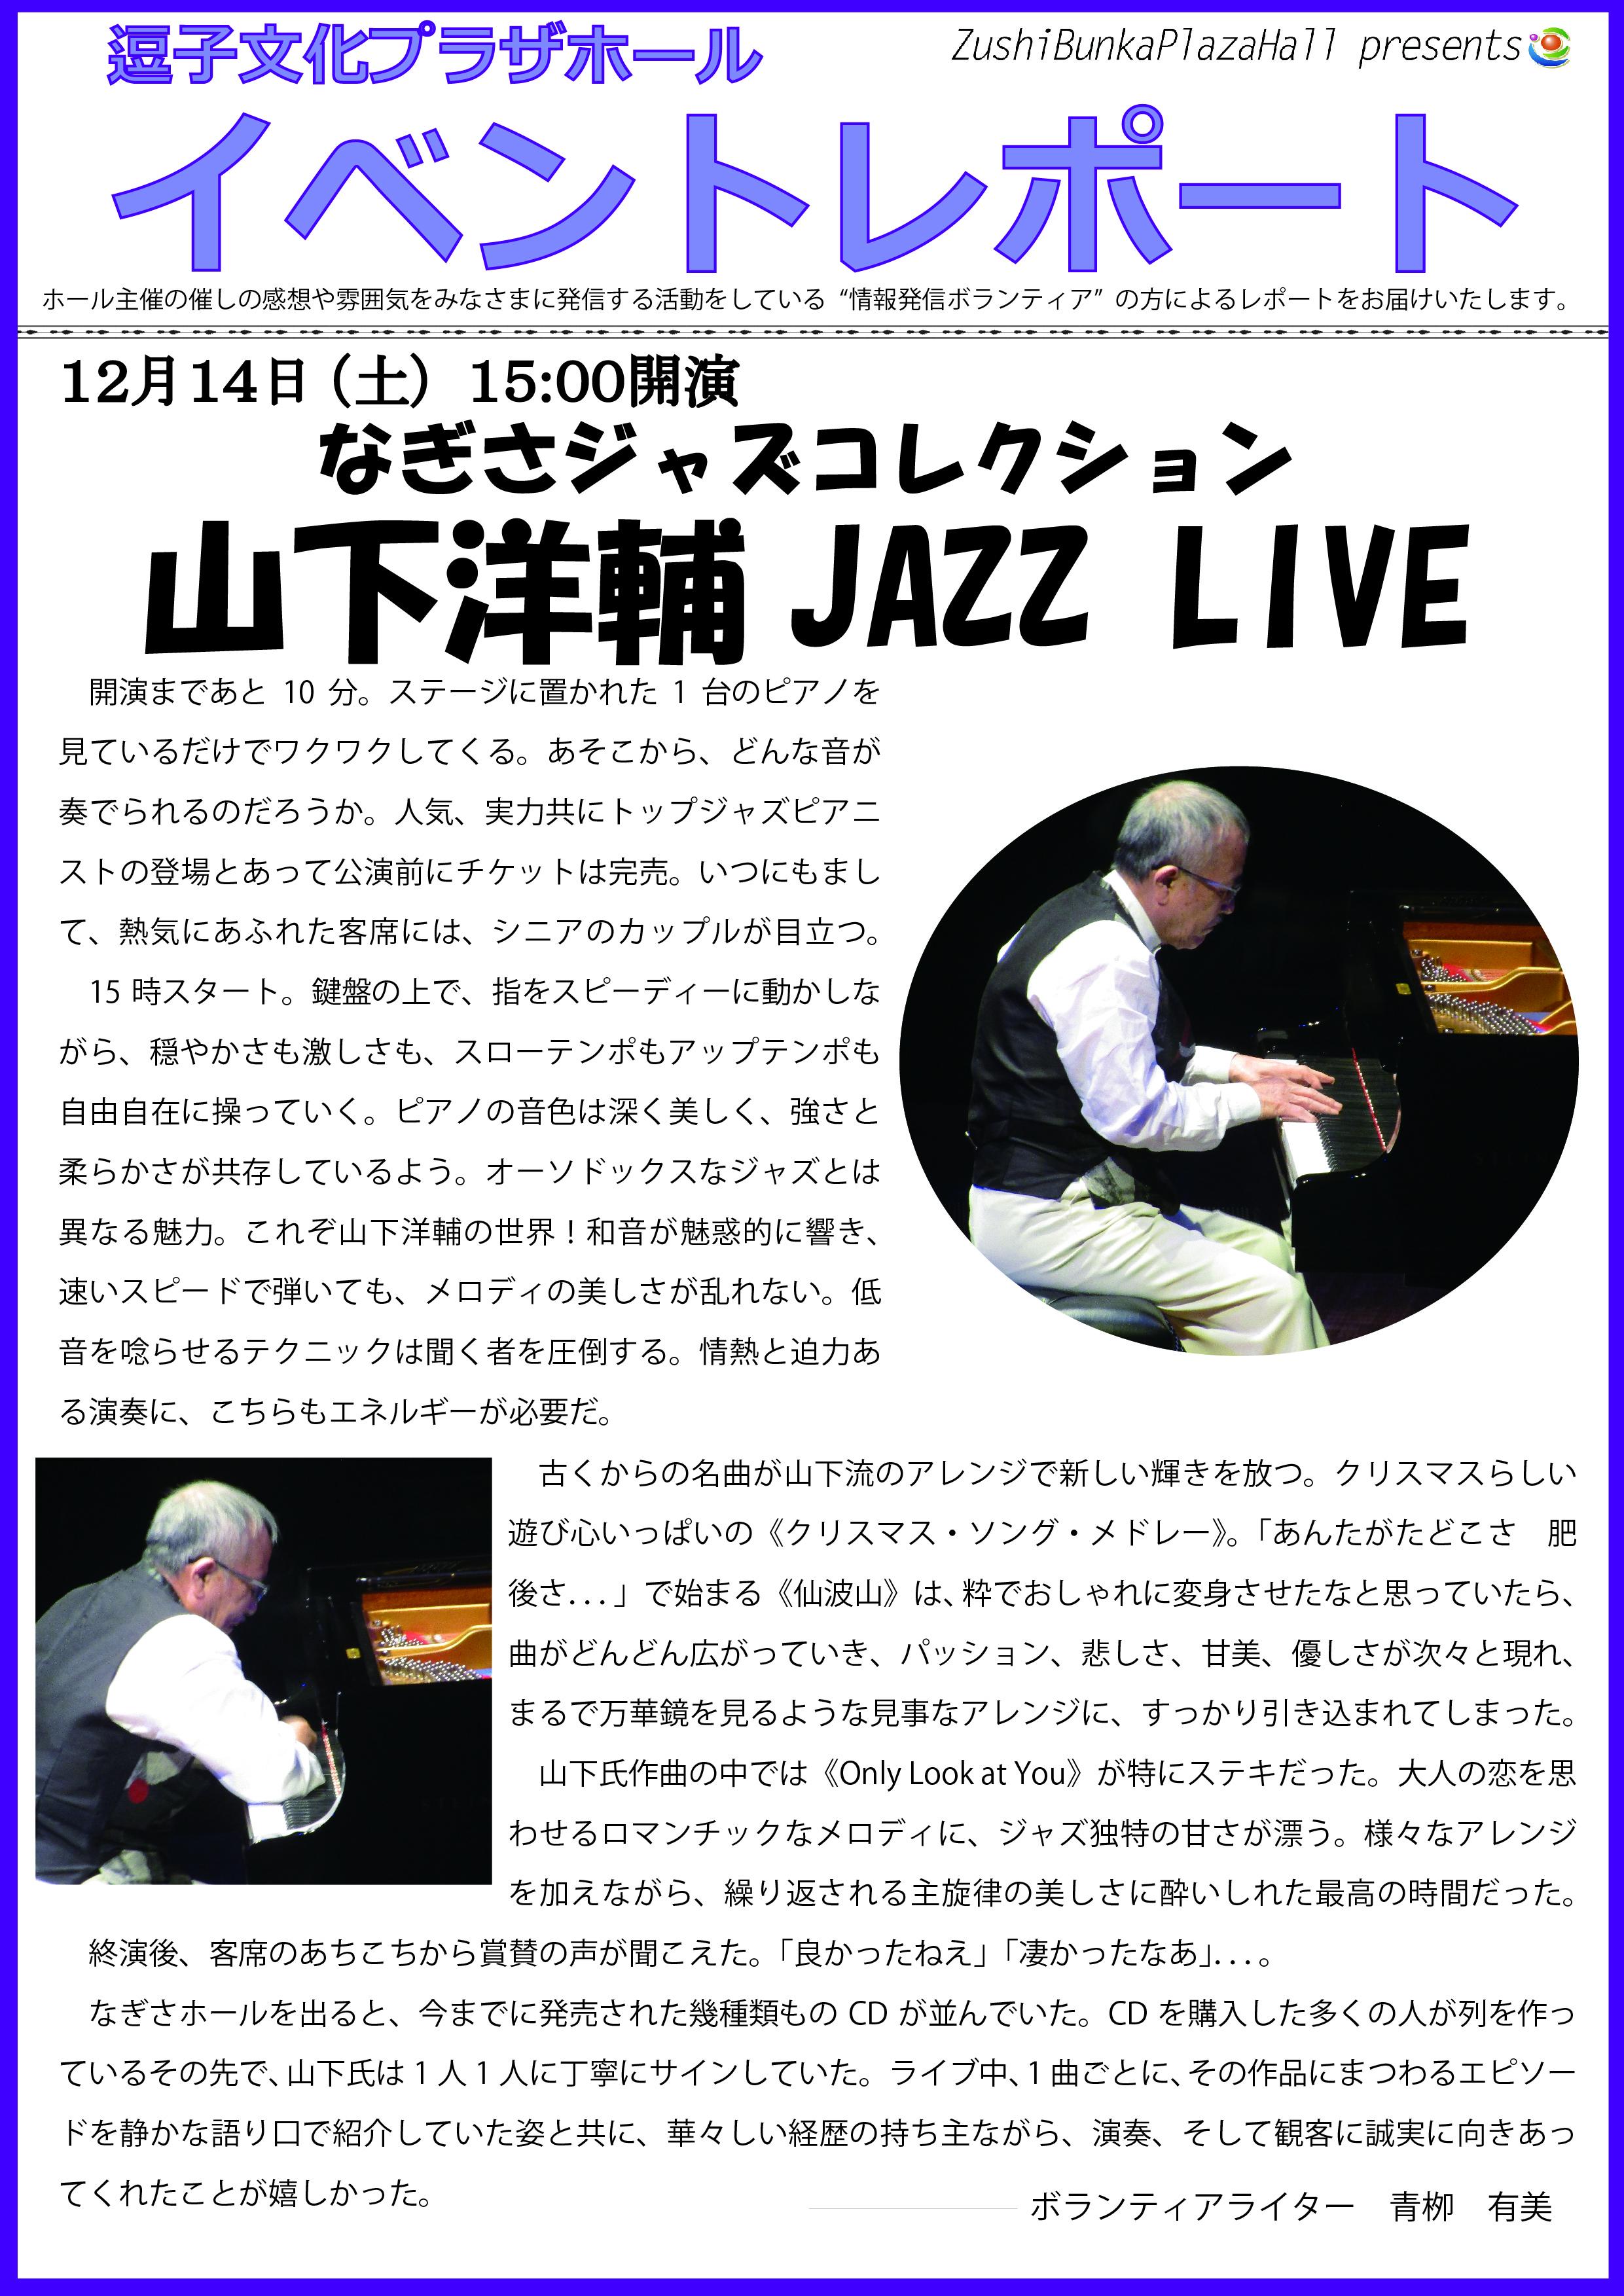 ★イベントレポート 「なぎさジャズコレクション 山下洋輔 JAZZ Live」12月14日(土)公演